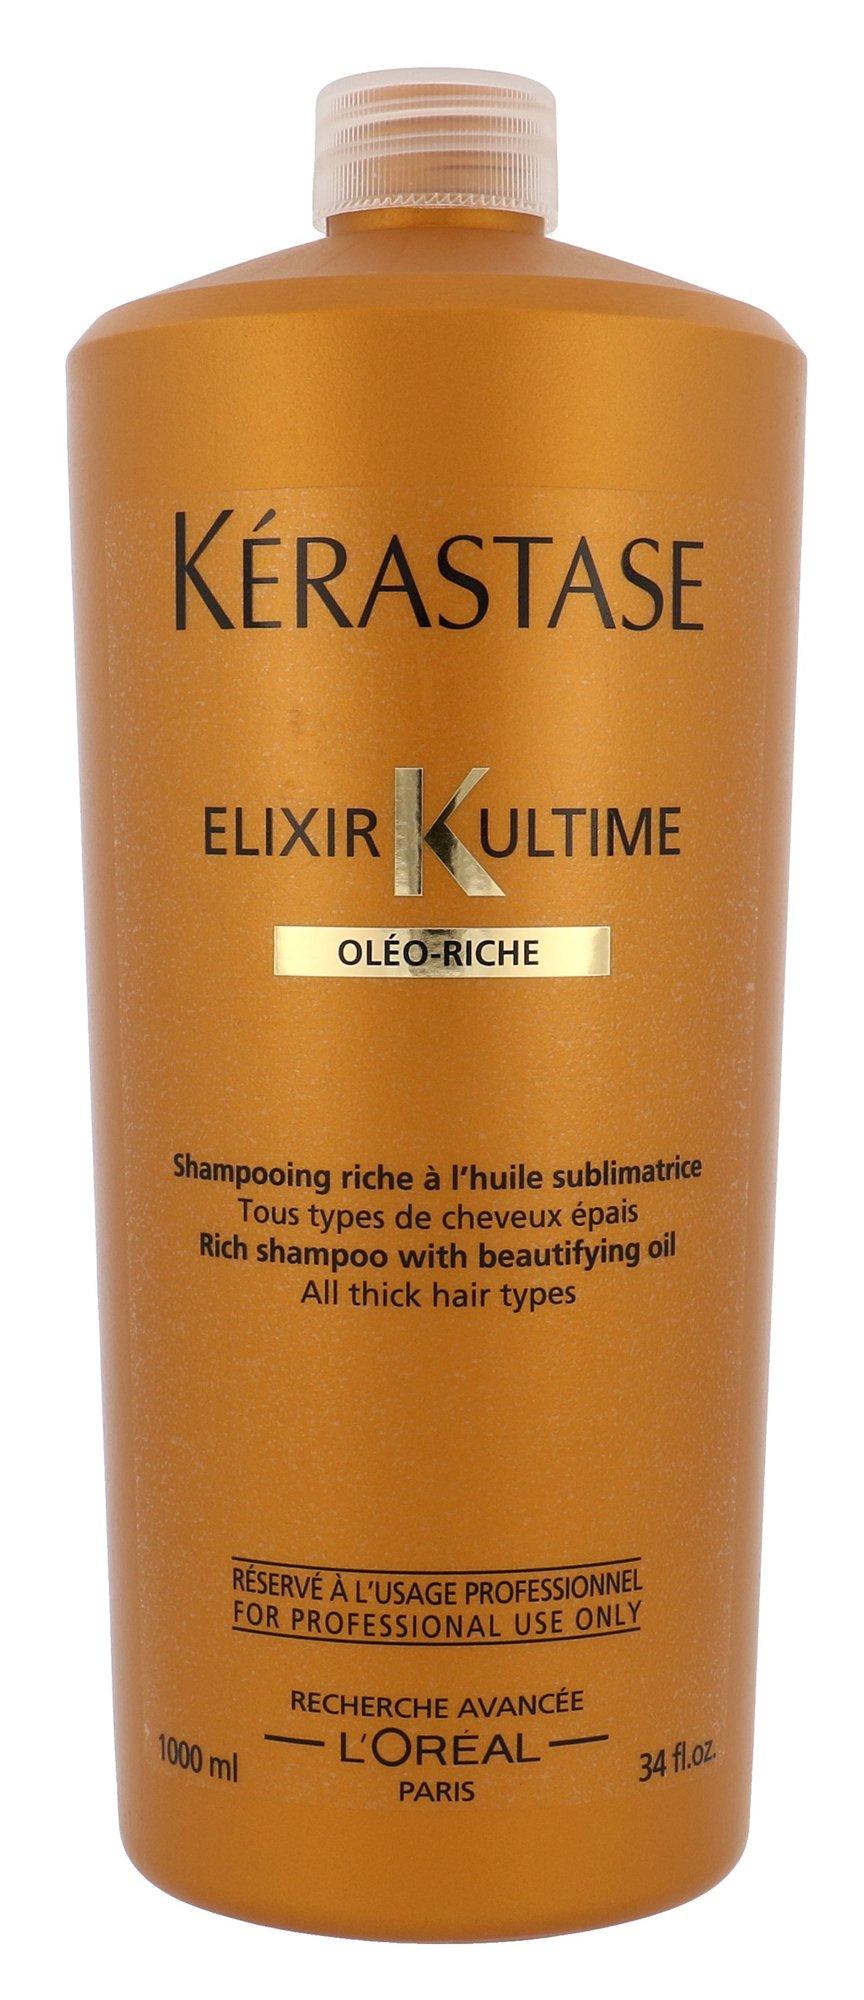 Kérastase Elixir Ultime Cosmetic 1000ml